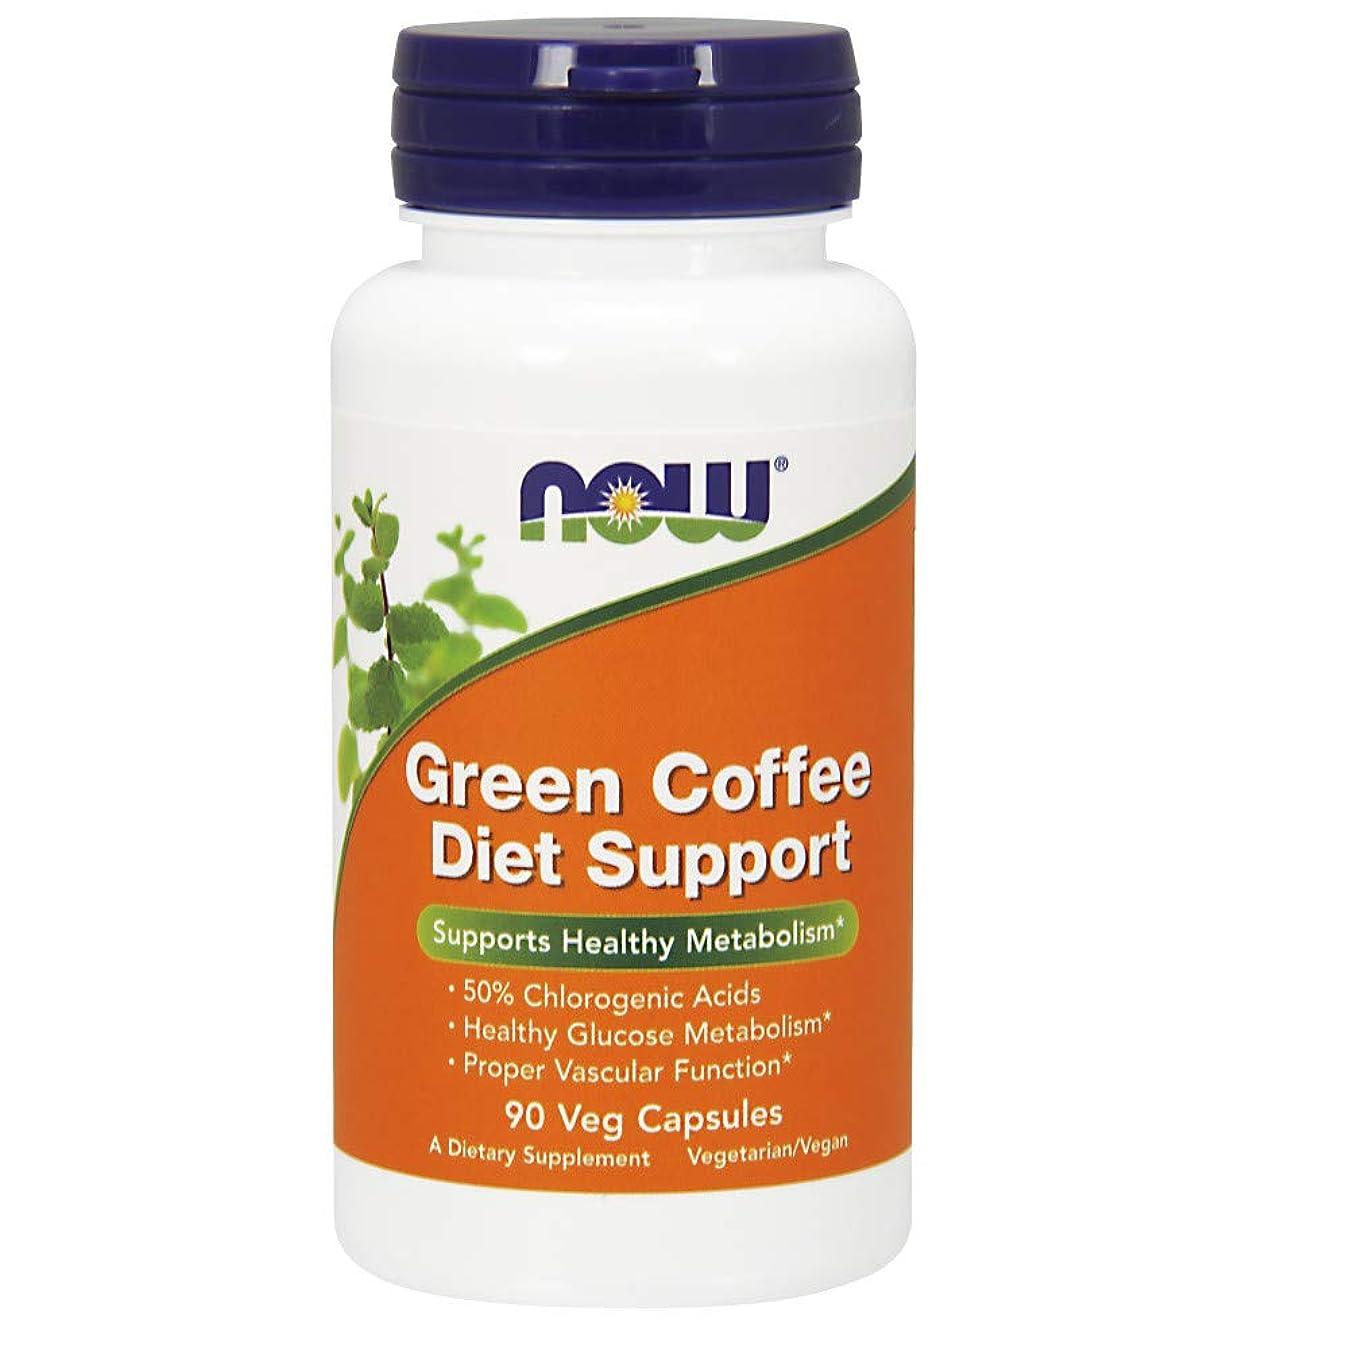 危機コンバーチブル実際に[海外直送品] ナウフーズ グリーンコーヒー?ダイエットサポート 90Vcaps